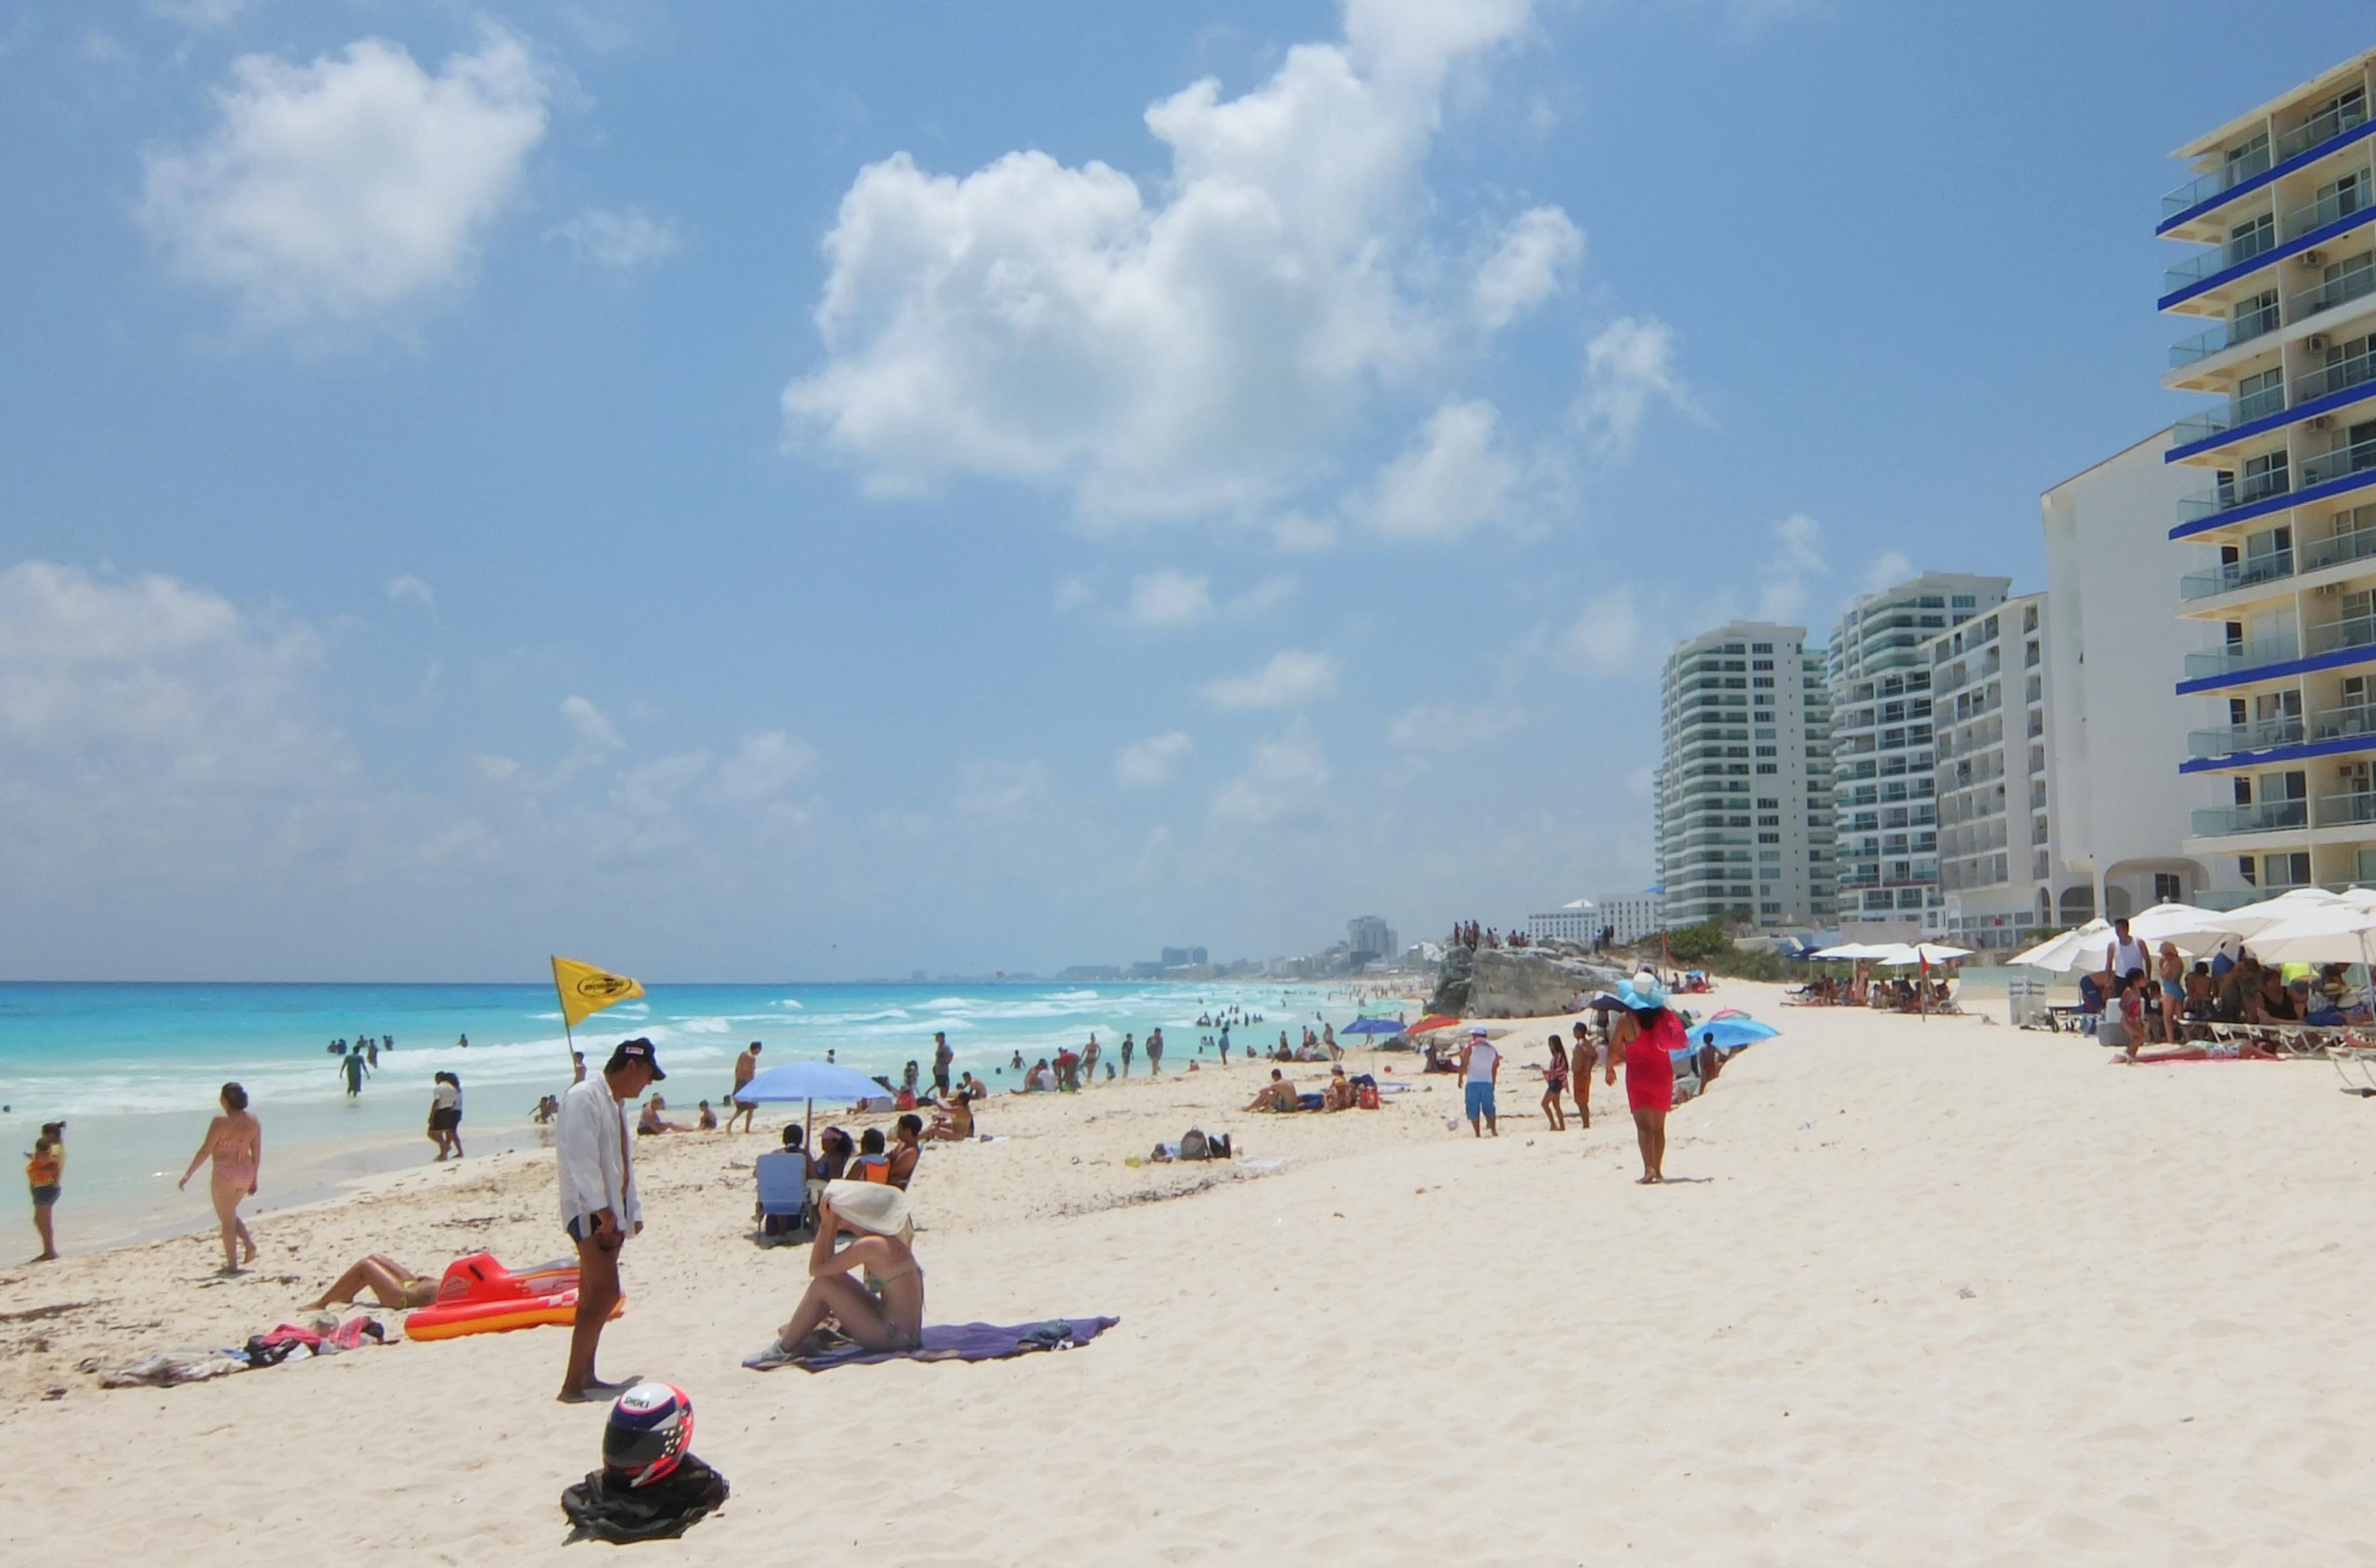 Mexico Caribbean - Cancun Beach